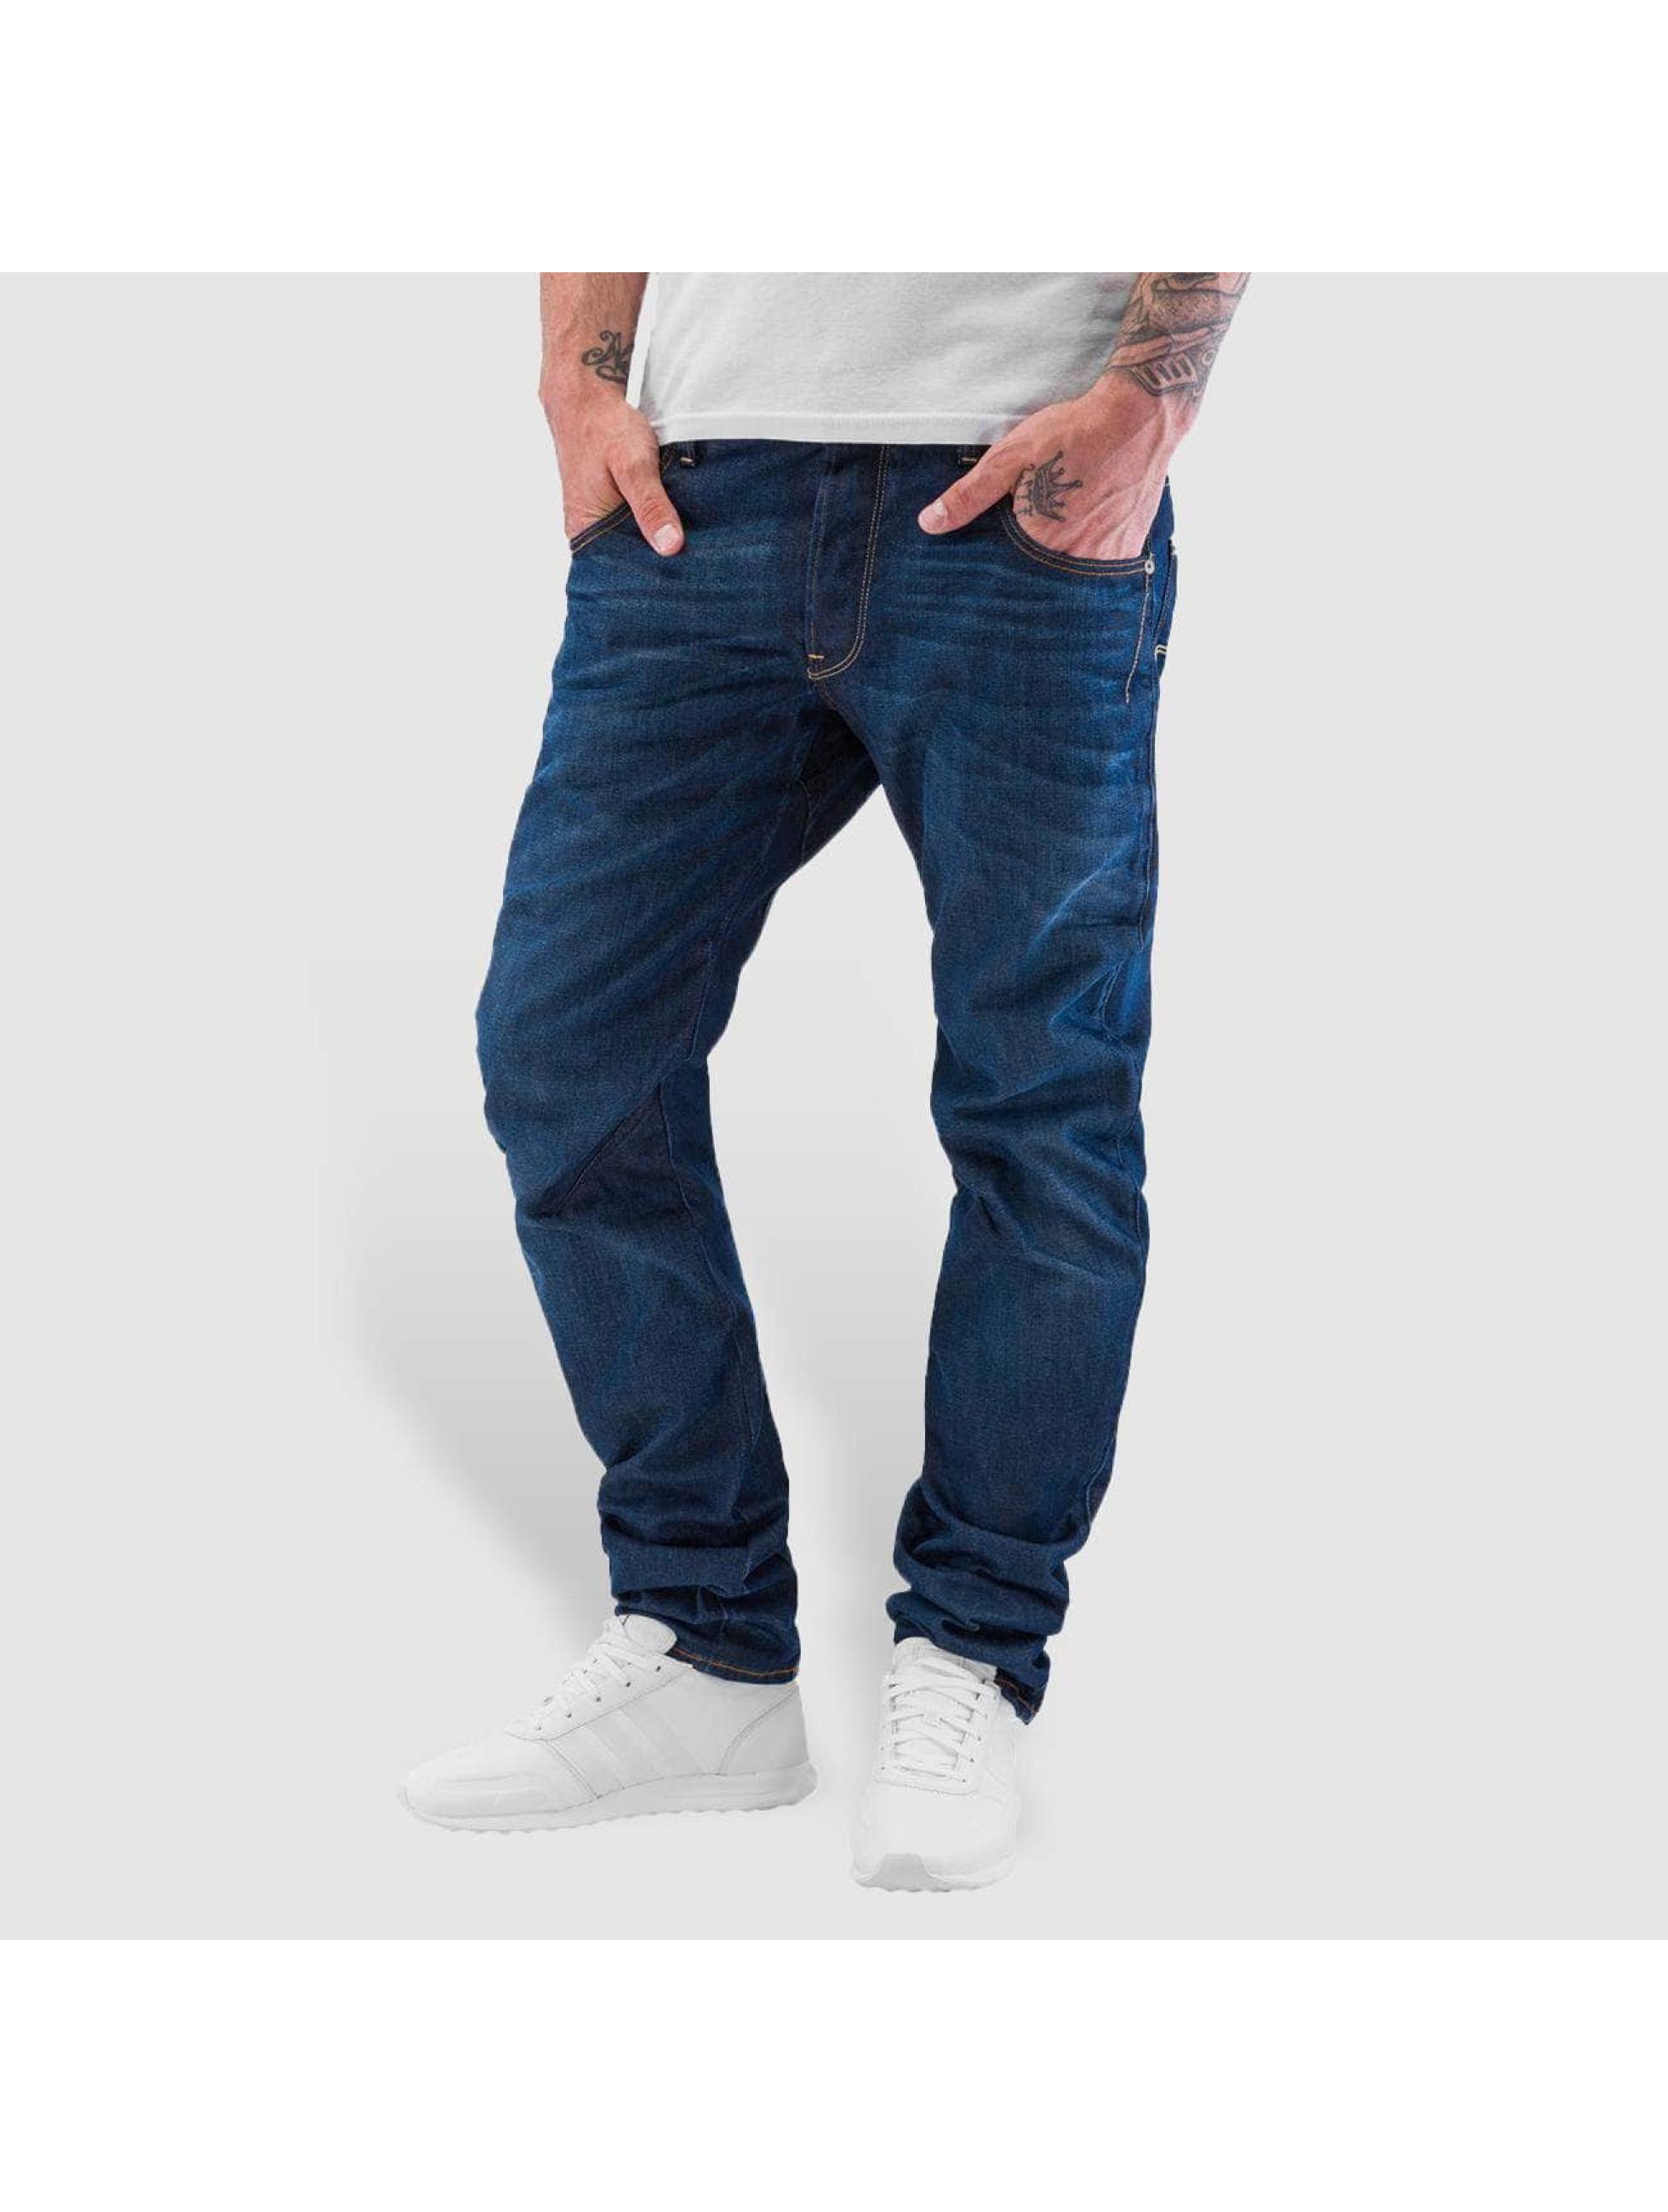 g star arc 3d slim bleu homme jean carotte antifit g. Black Bedroom Furniture Sets. Home Design Ideas